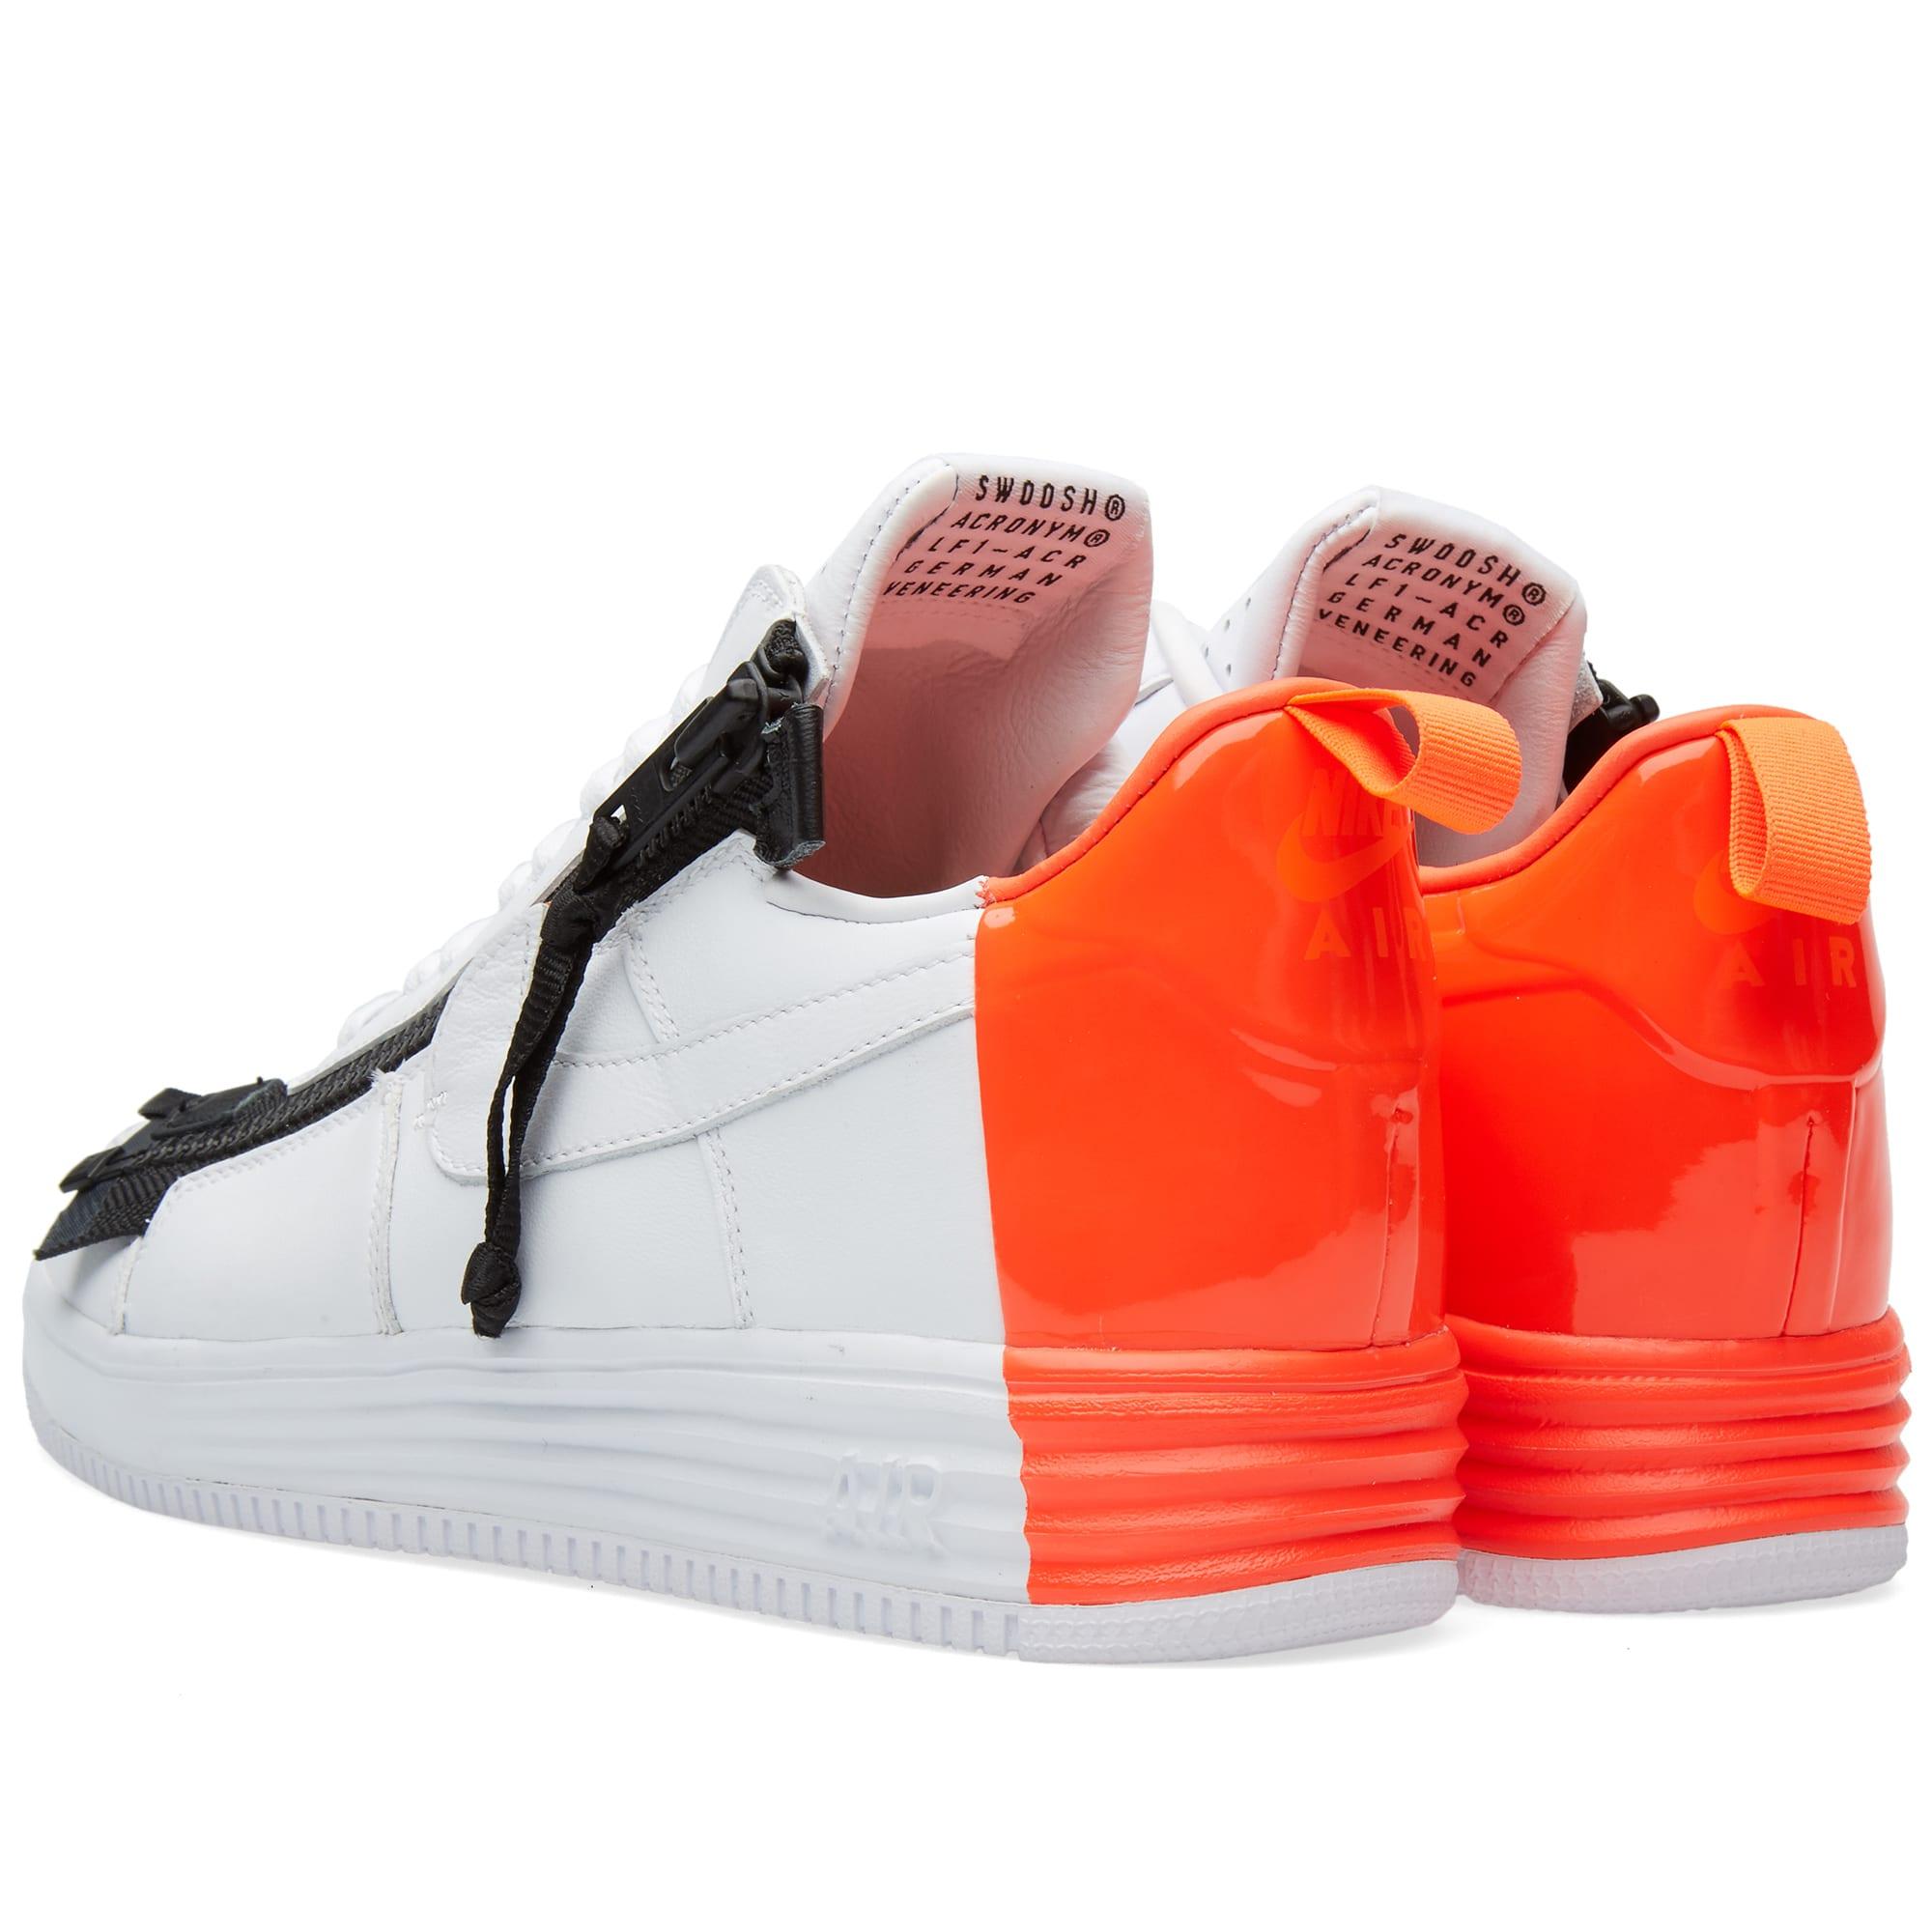 Nike x Acronym Lunar Force 1 SP White